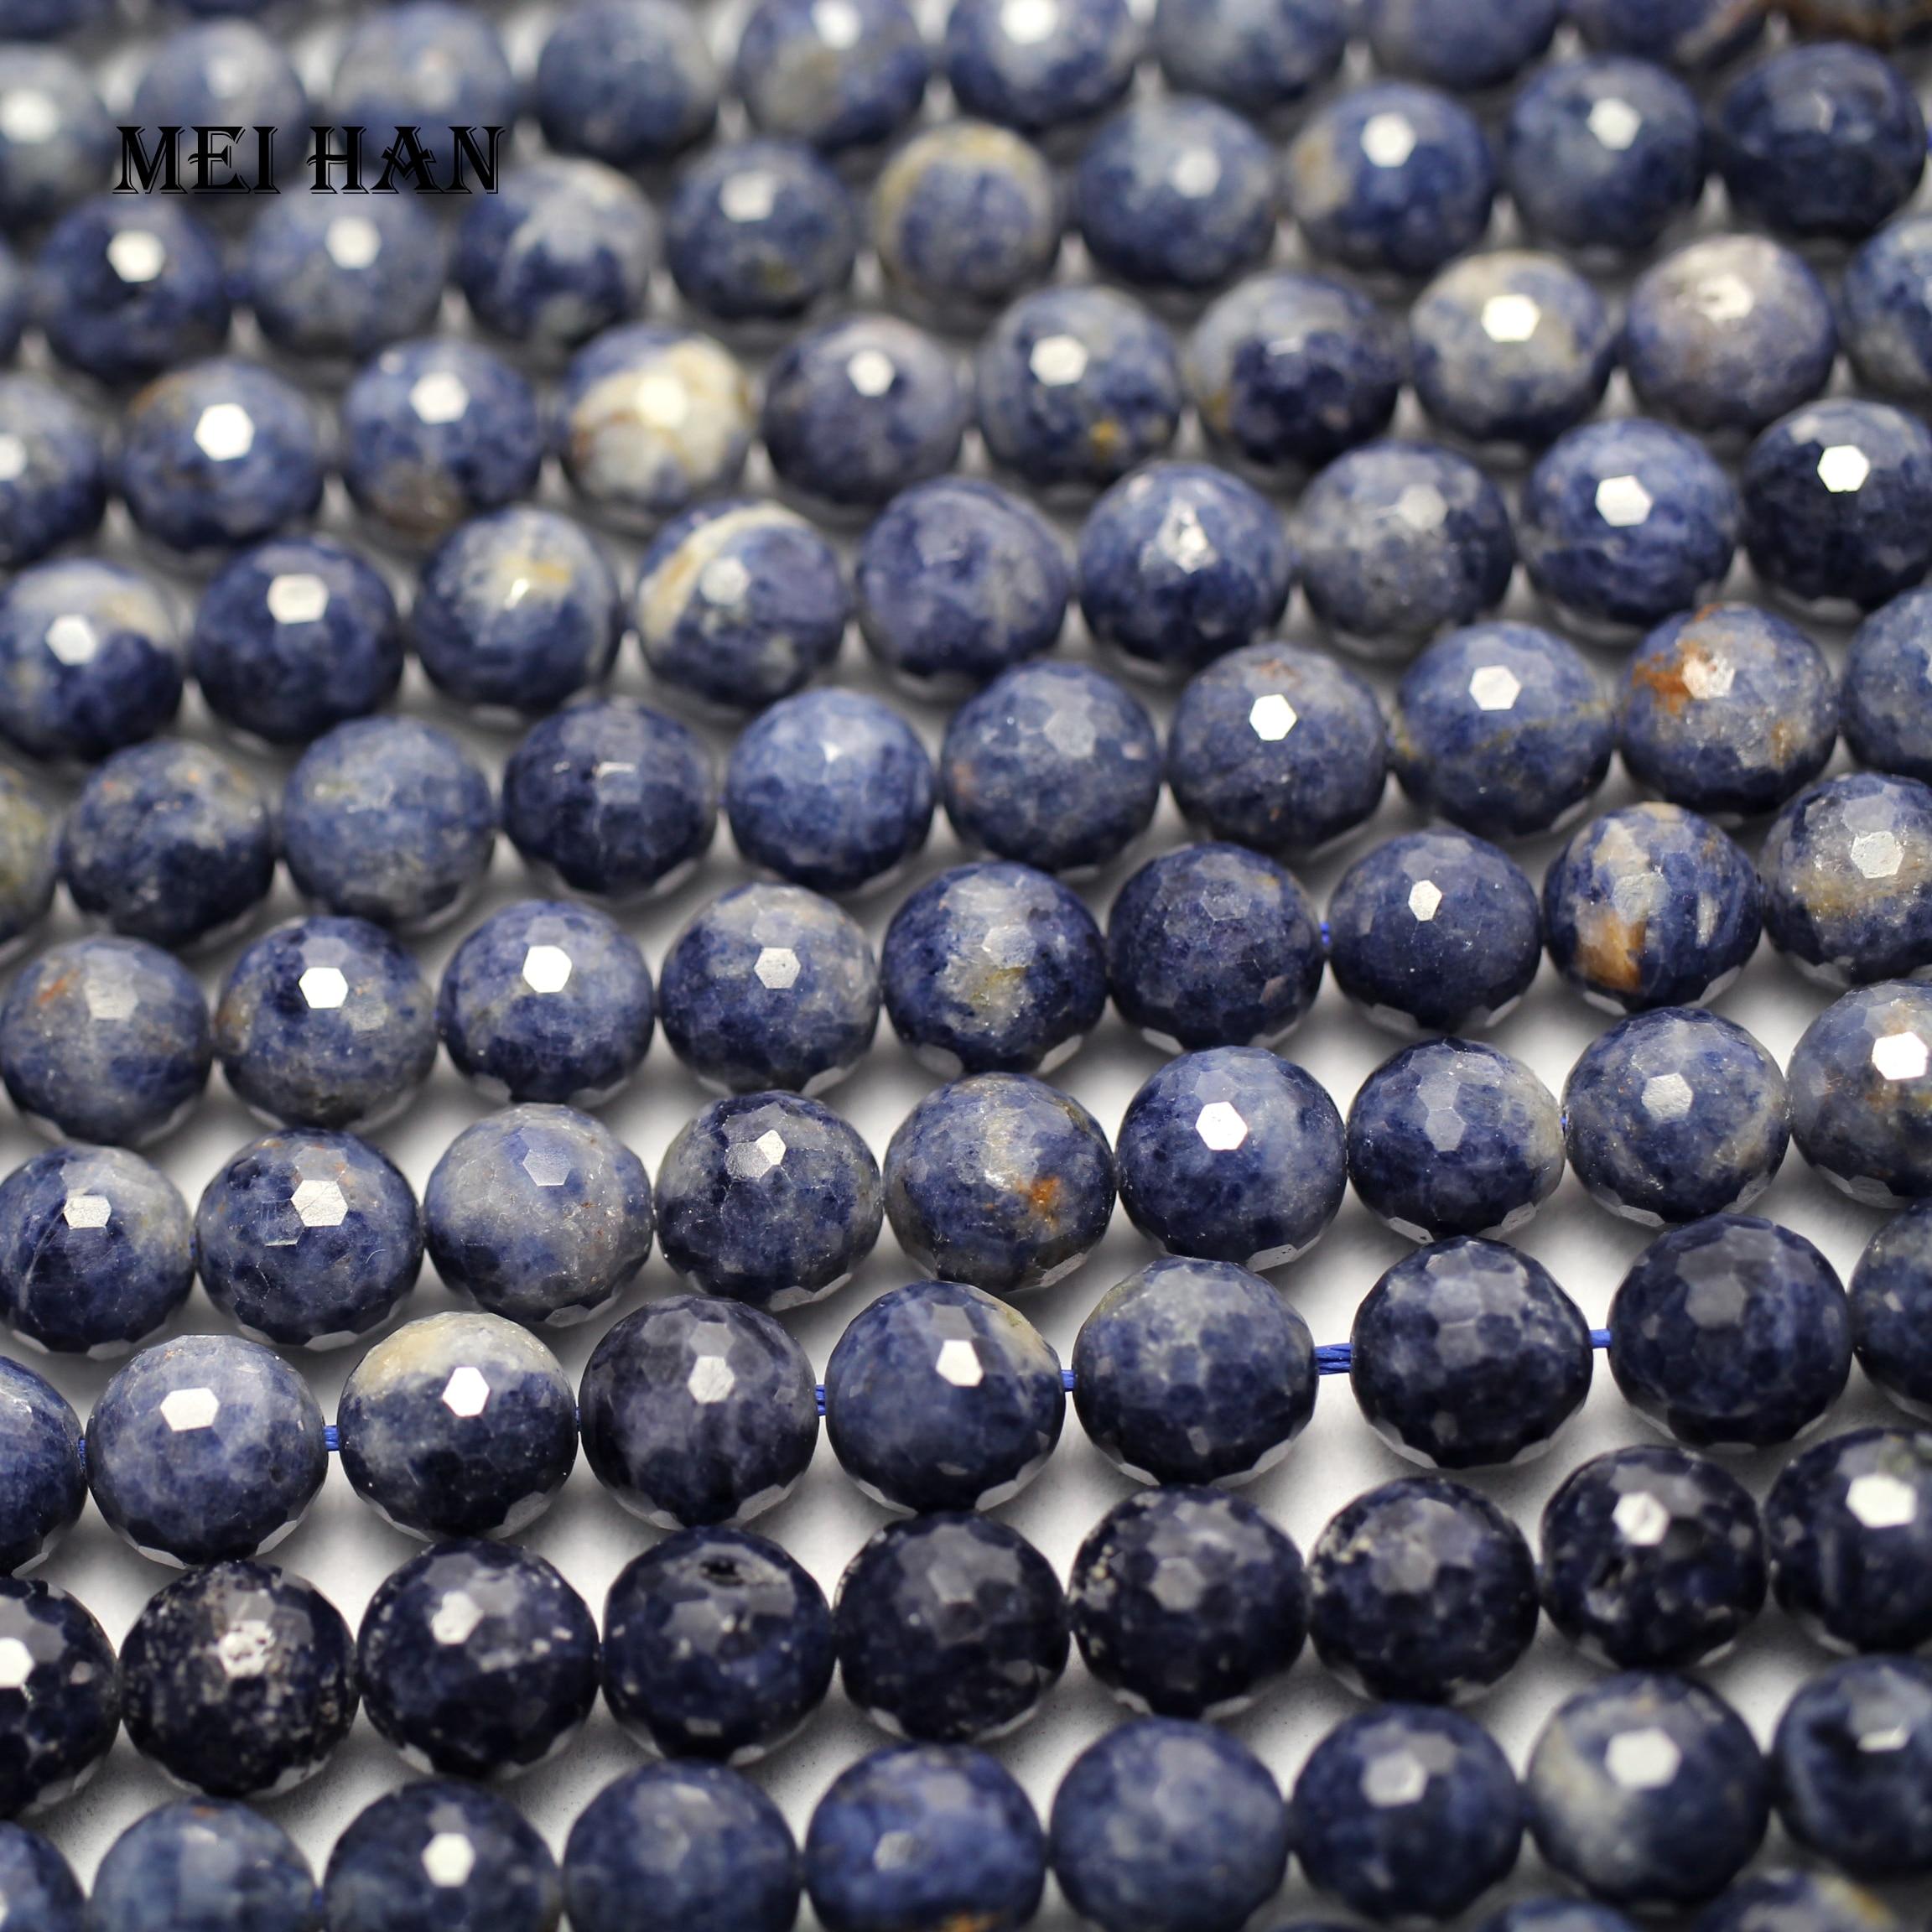 Darmowa wysyłka (45 koraliki/zestaw) naturalny niebieski sapphiree 8 8.5mm fasetowany okrągły luźne koraliki do tworzenia biżuterii projekt w Koraliki od Biżuteria i akcesoria na  Grupa 1